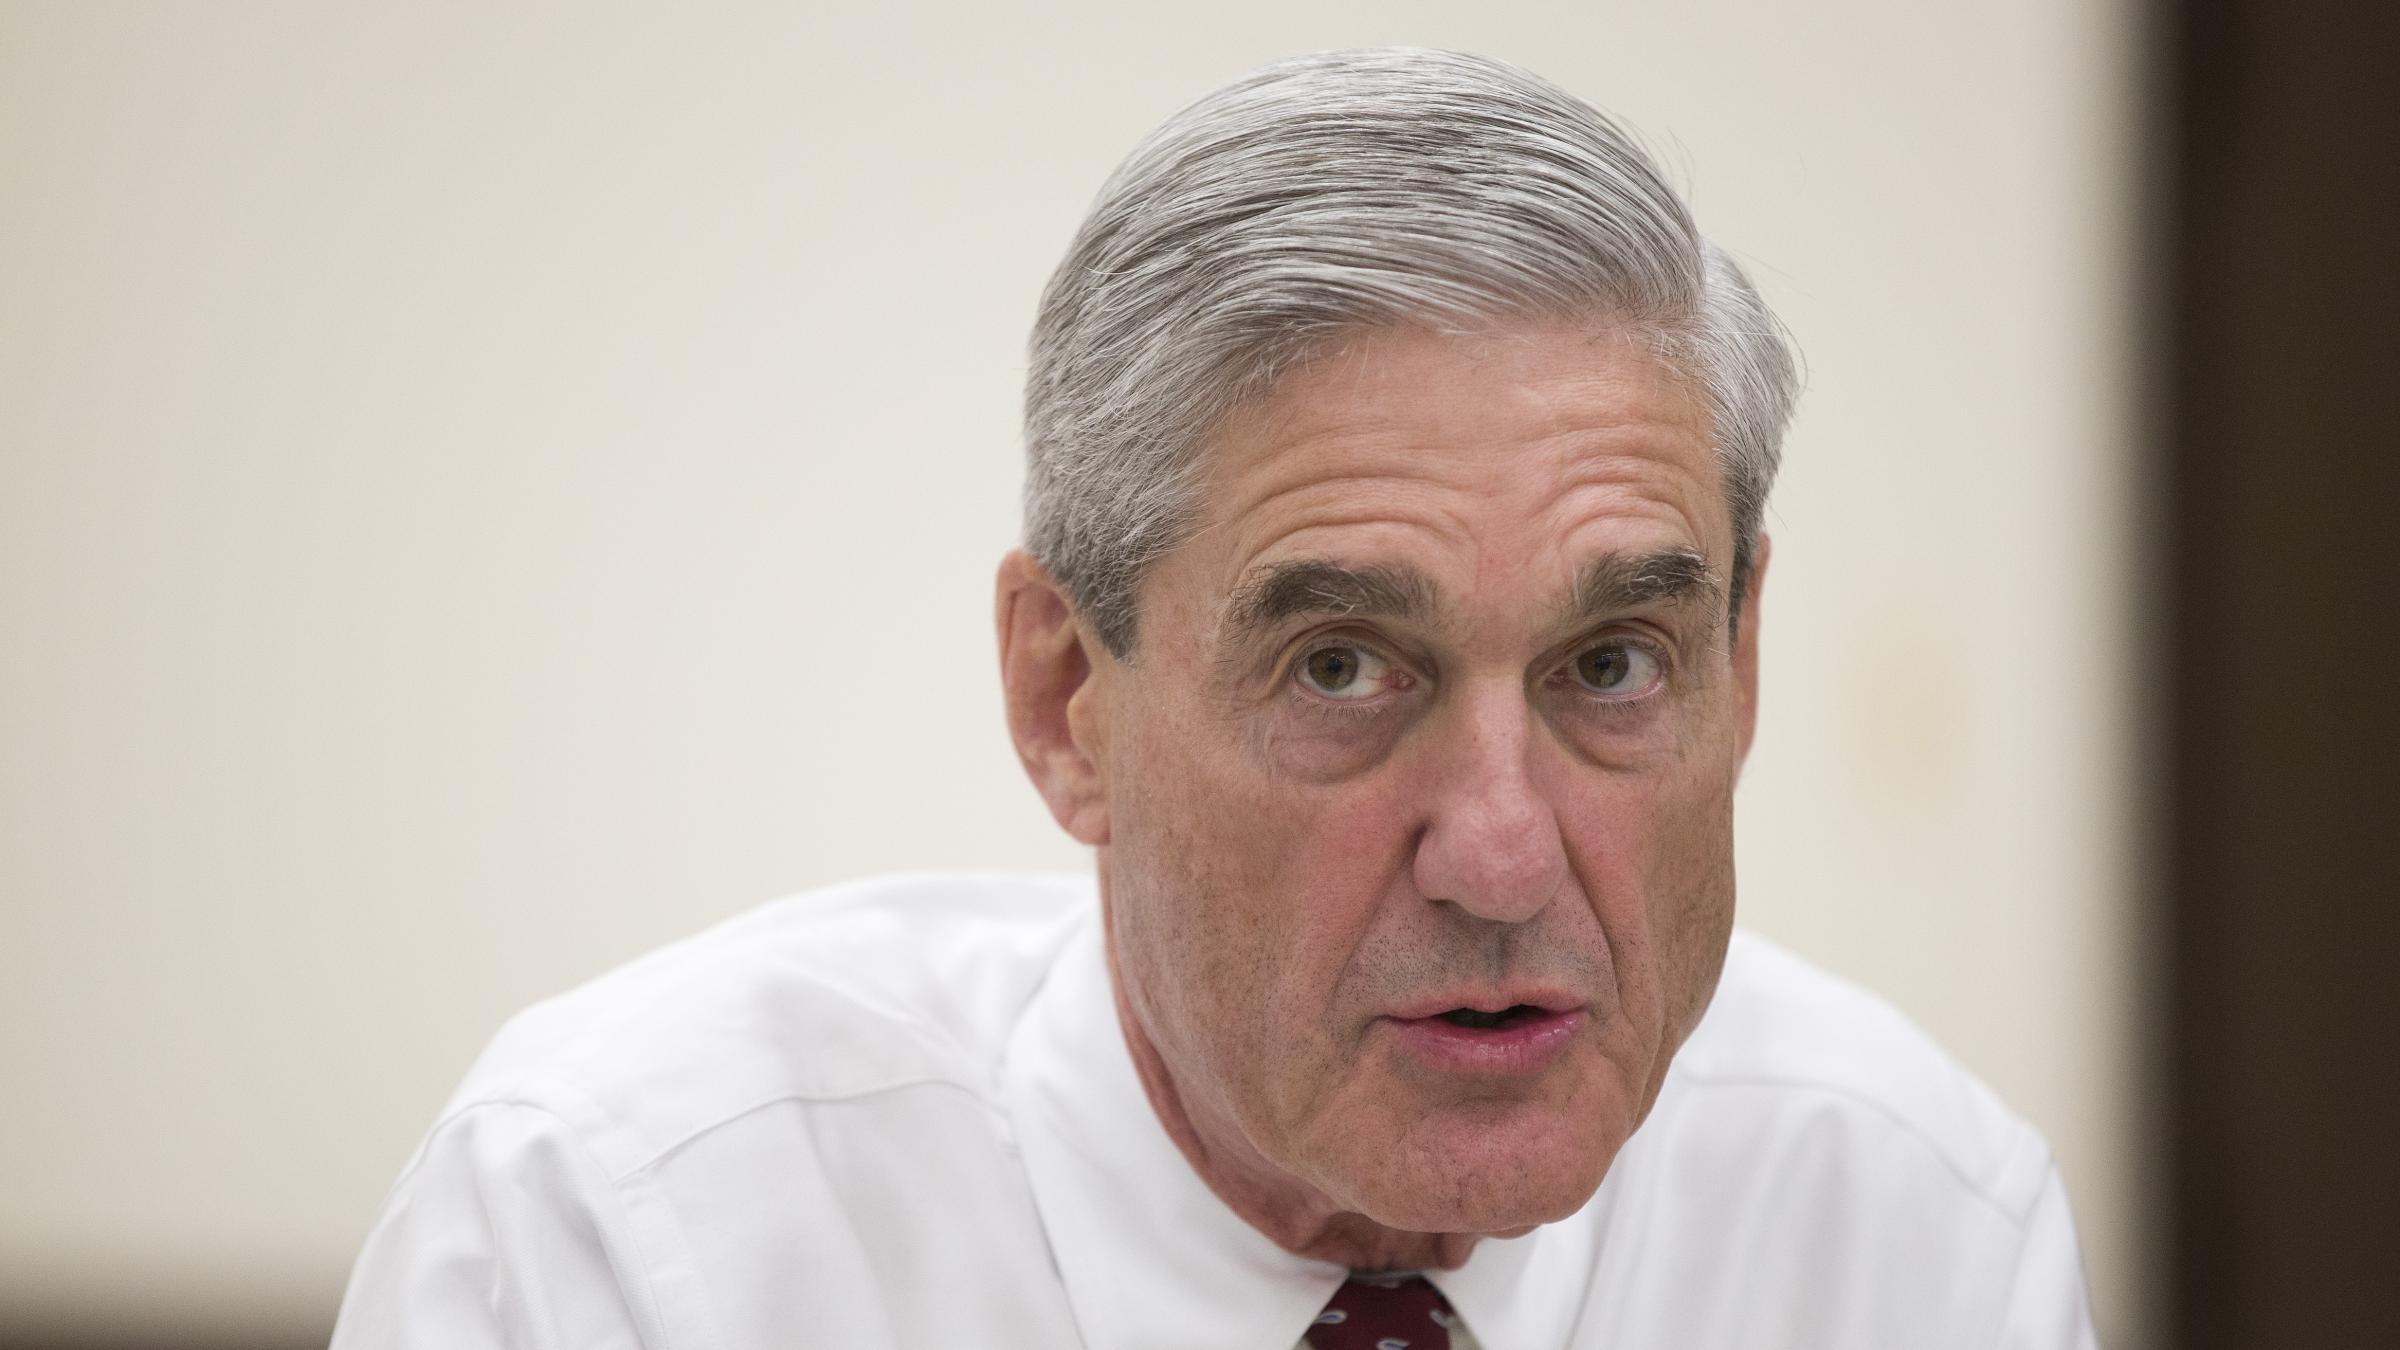 Paul Ryan says everyone should just let Robert Mueller do his job